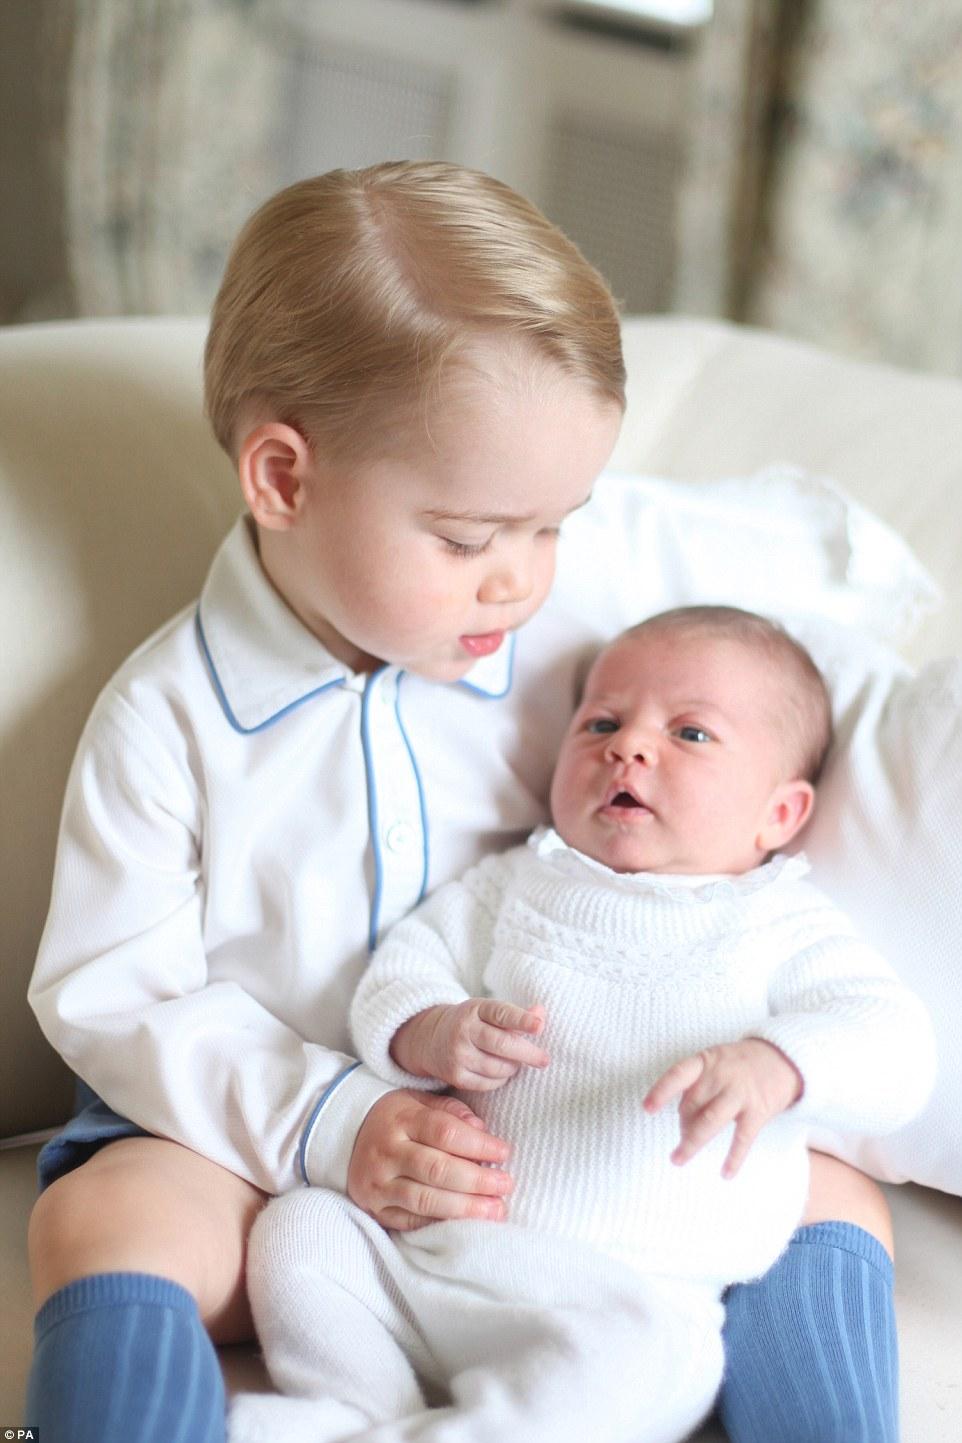 シャーロット王女にキスをする兄ジョージ王子に関連した画像-04